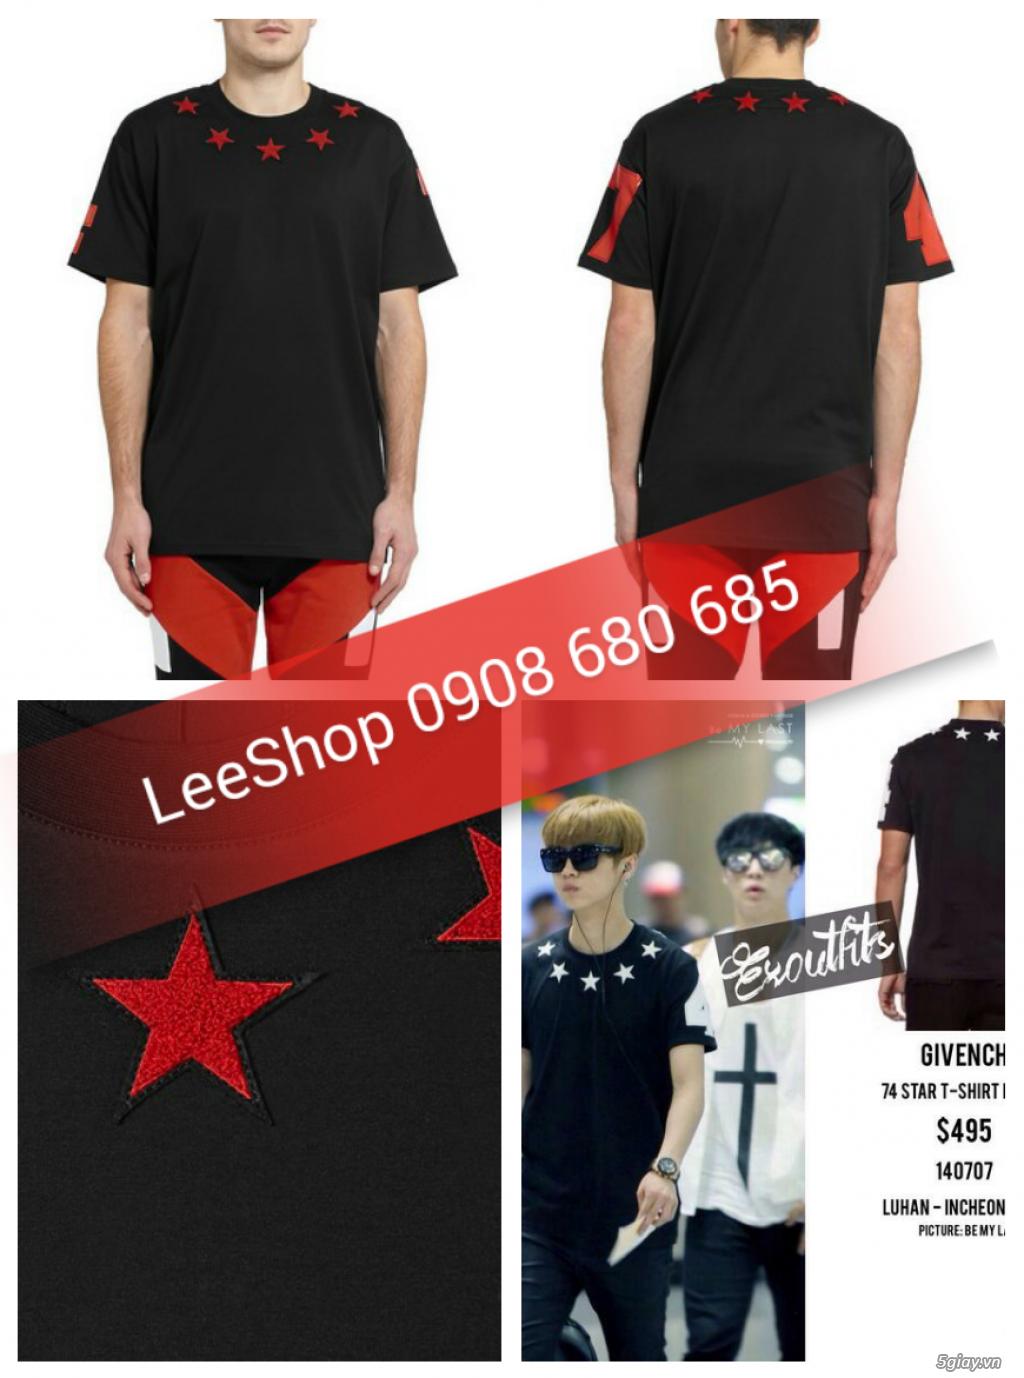 LeeShop_Chuyên quần áo thời trang - 48